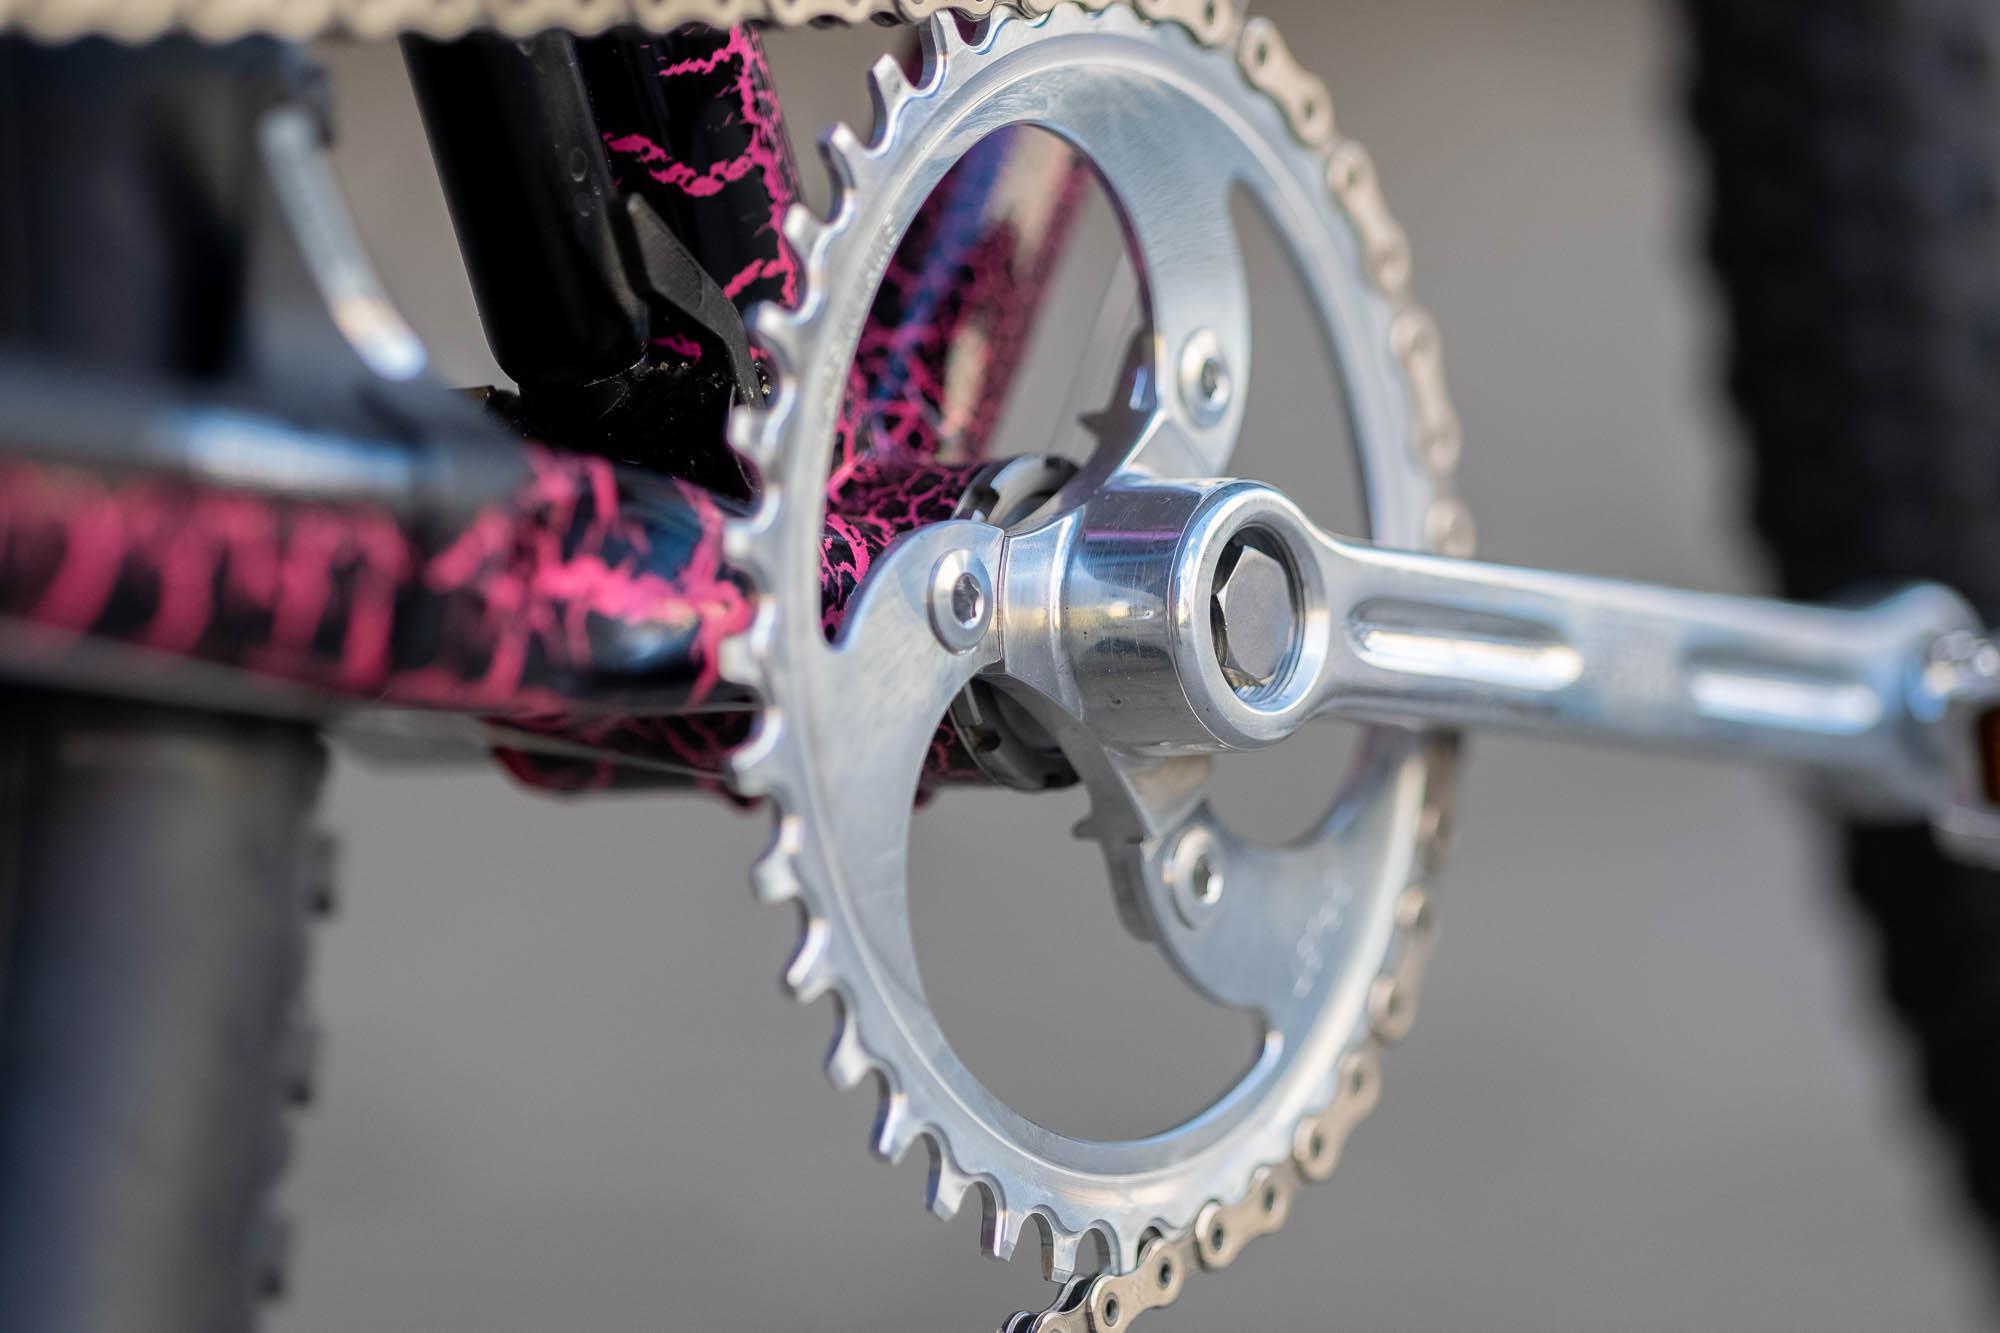 Philly Bike Expo-Crust Bikes